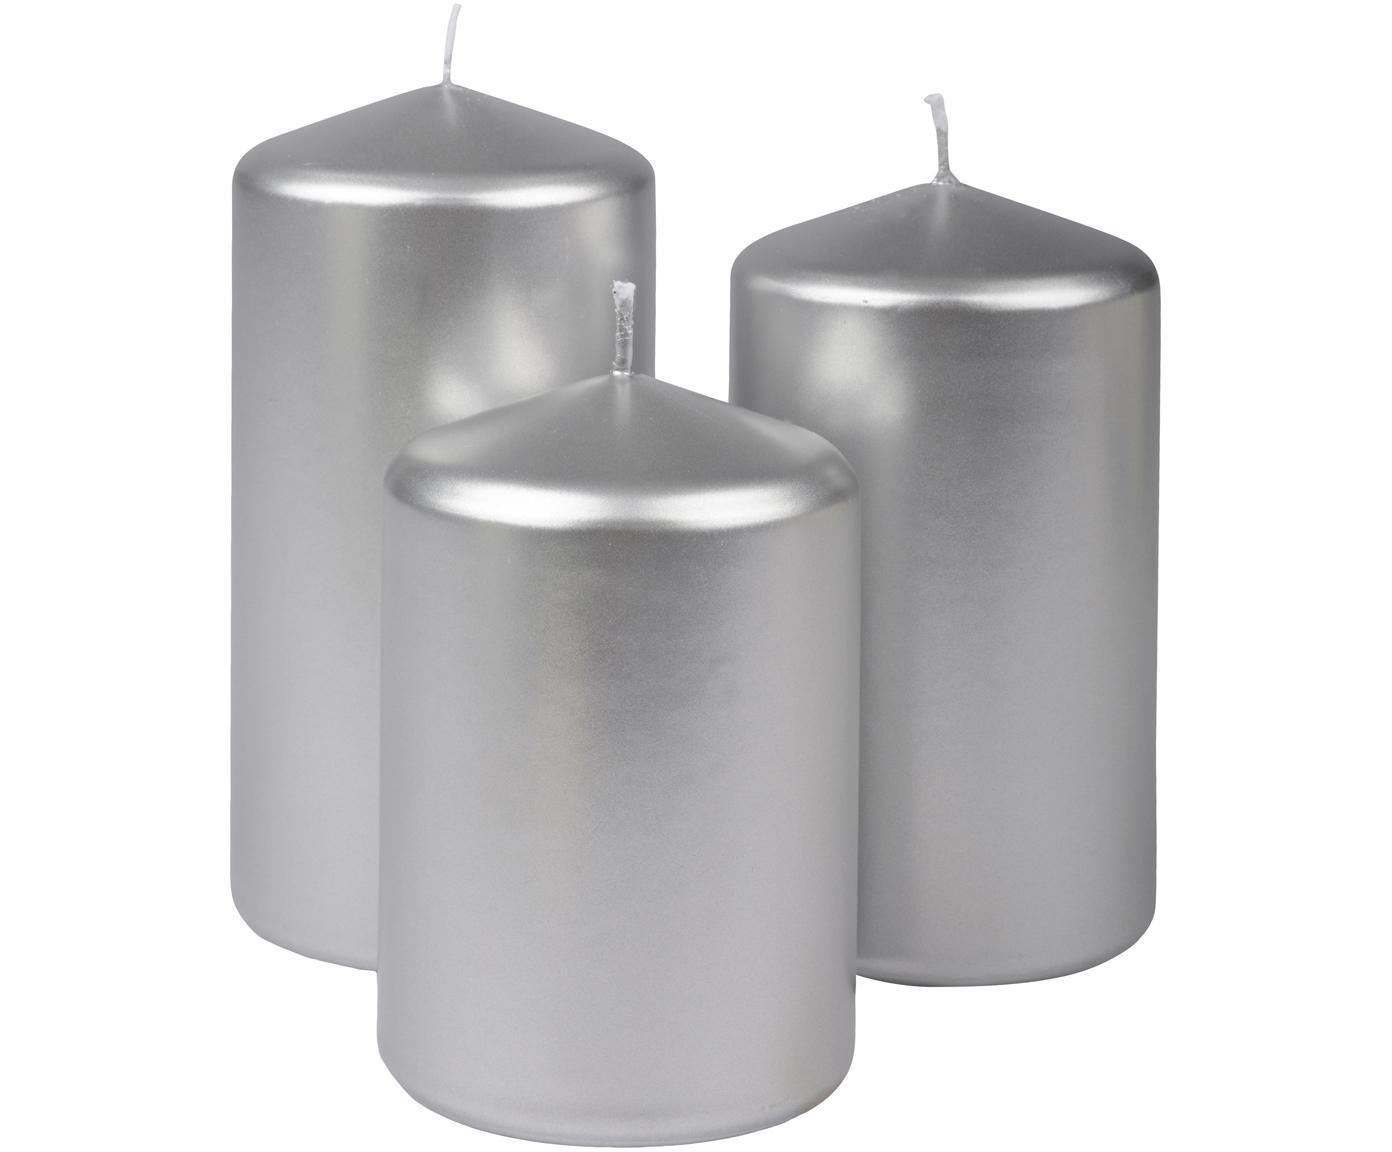 Steekkaarsenset Parilla, 3-delig, Was, Zilverkleurig, Verschillende formaten